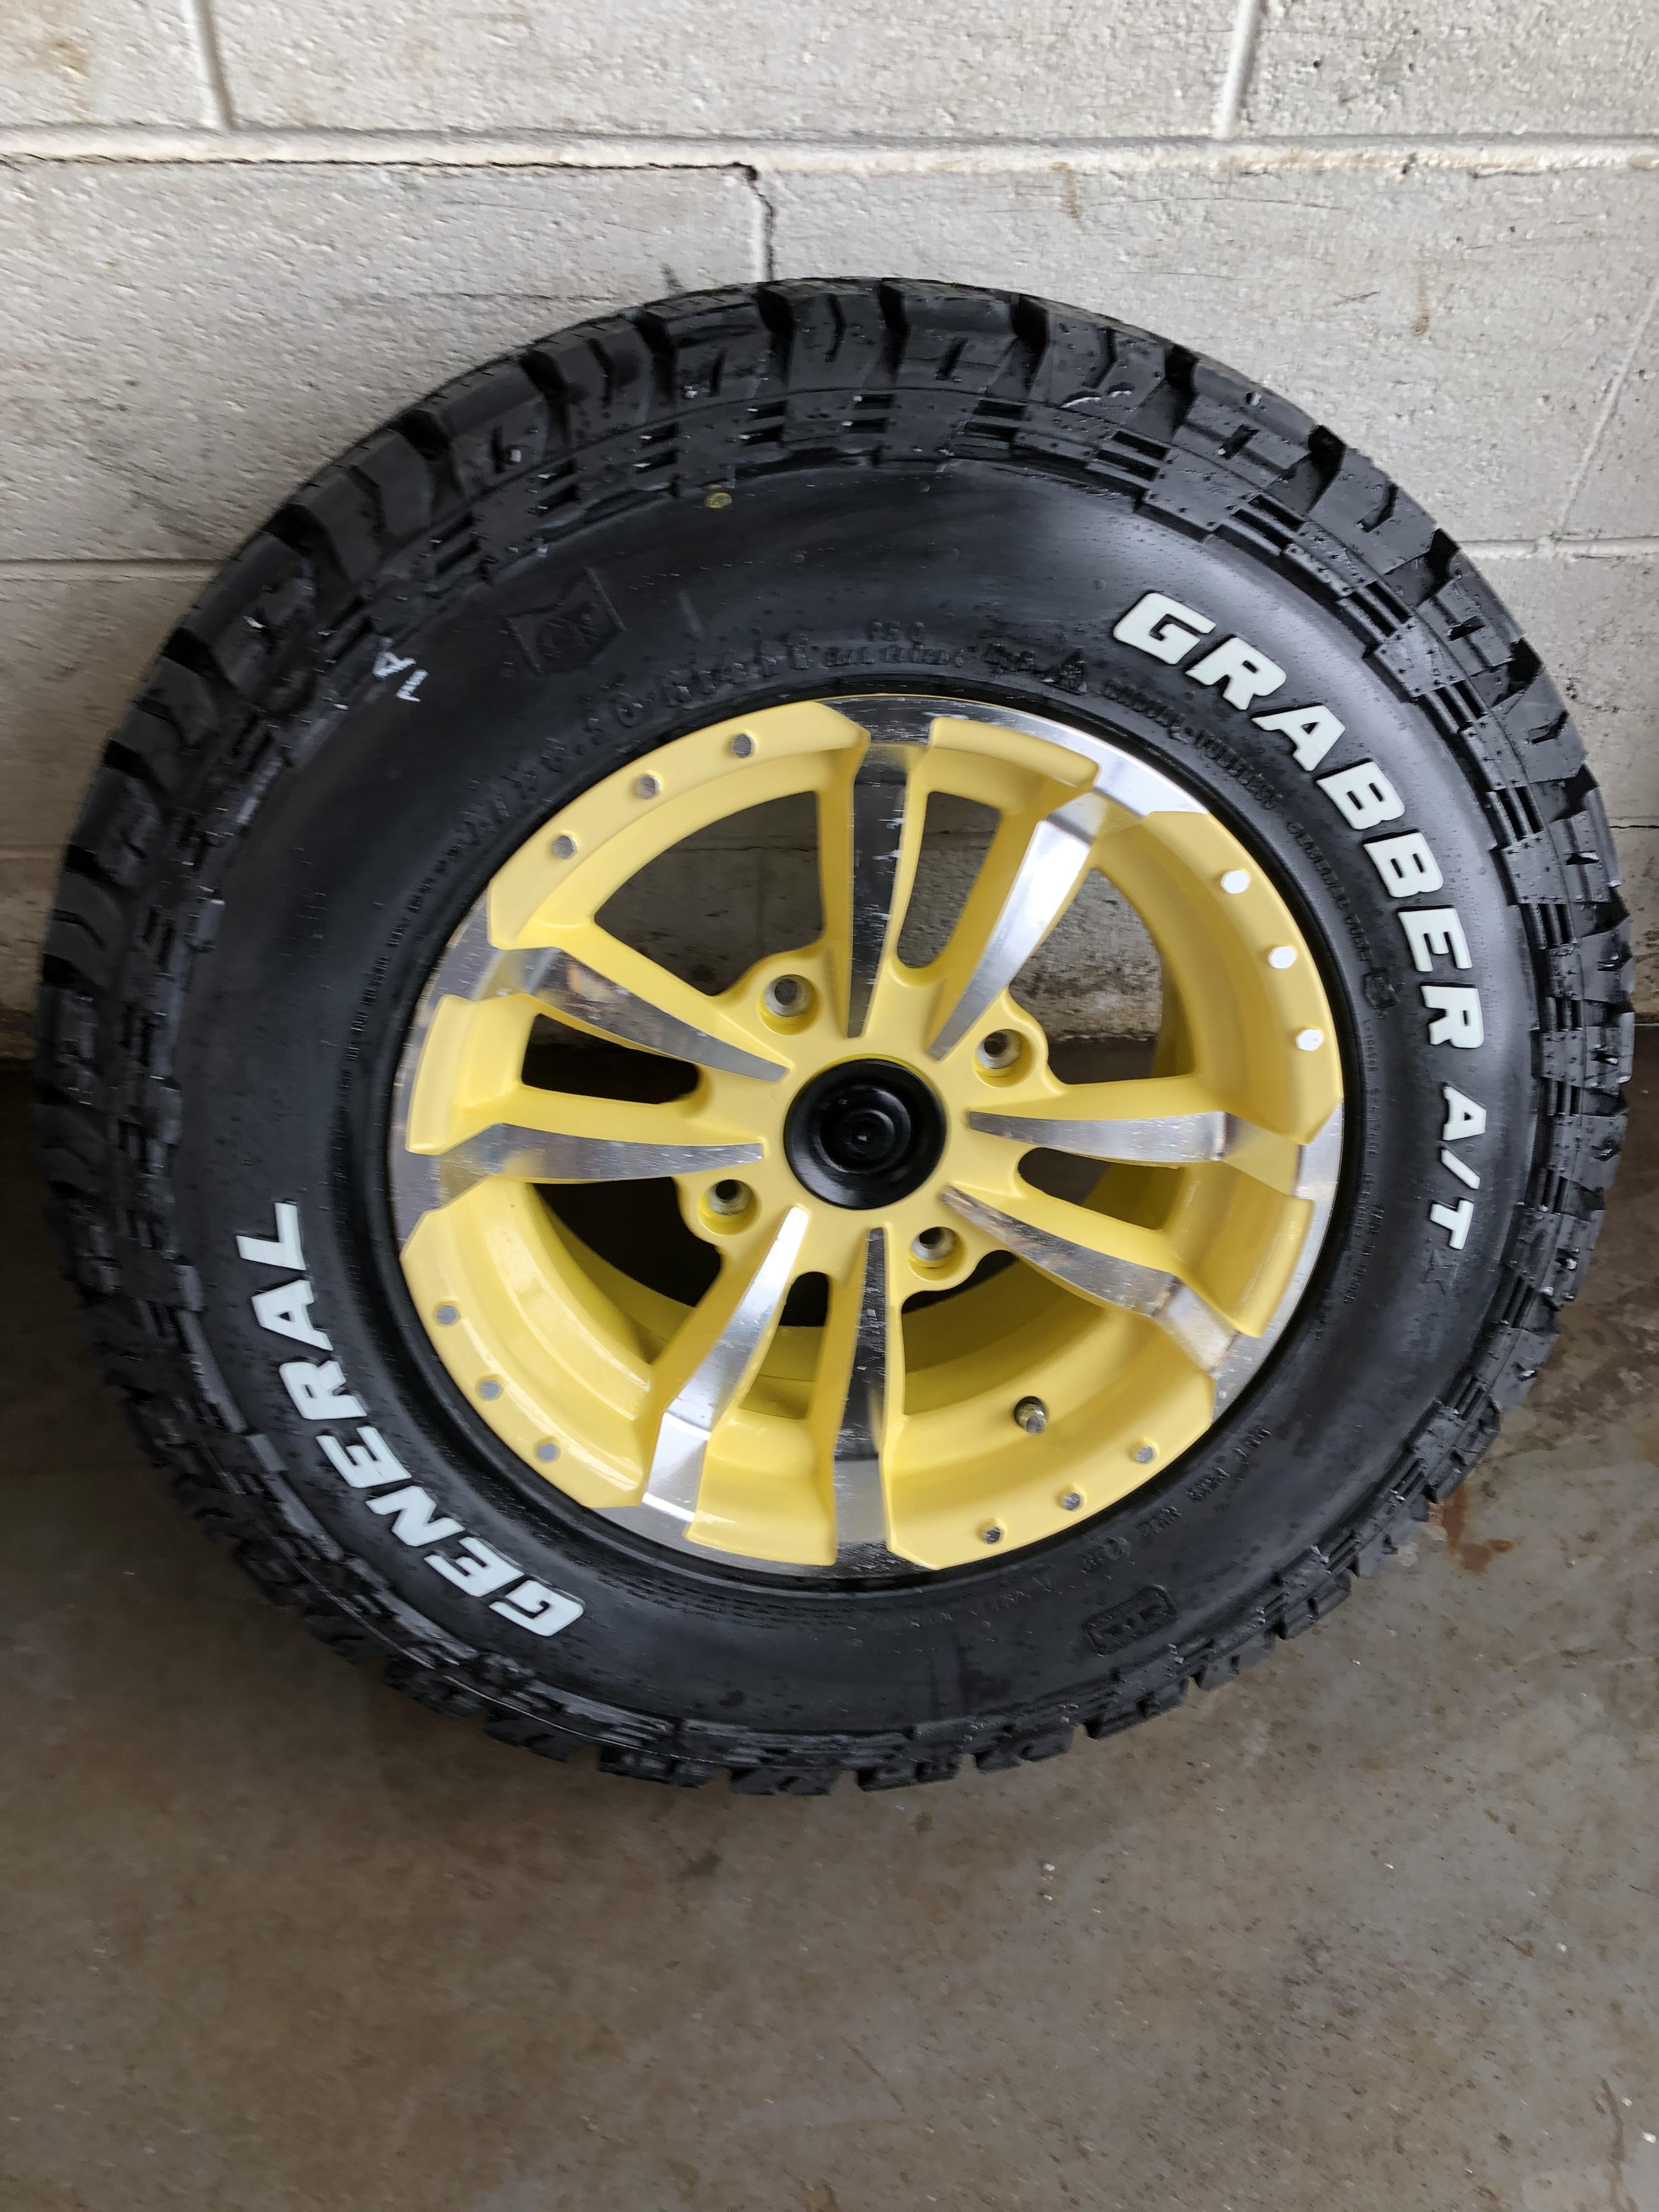 Street Tires for 825/835/855/865, Kubota as Well - John